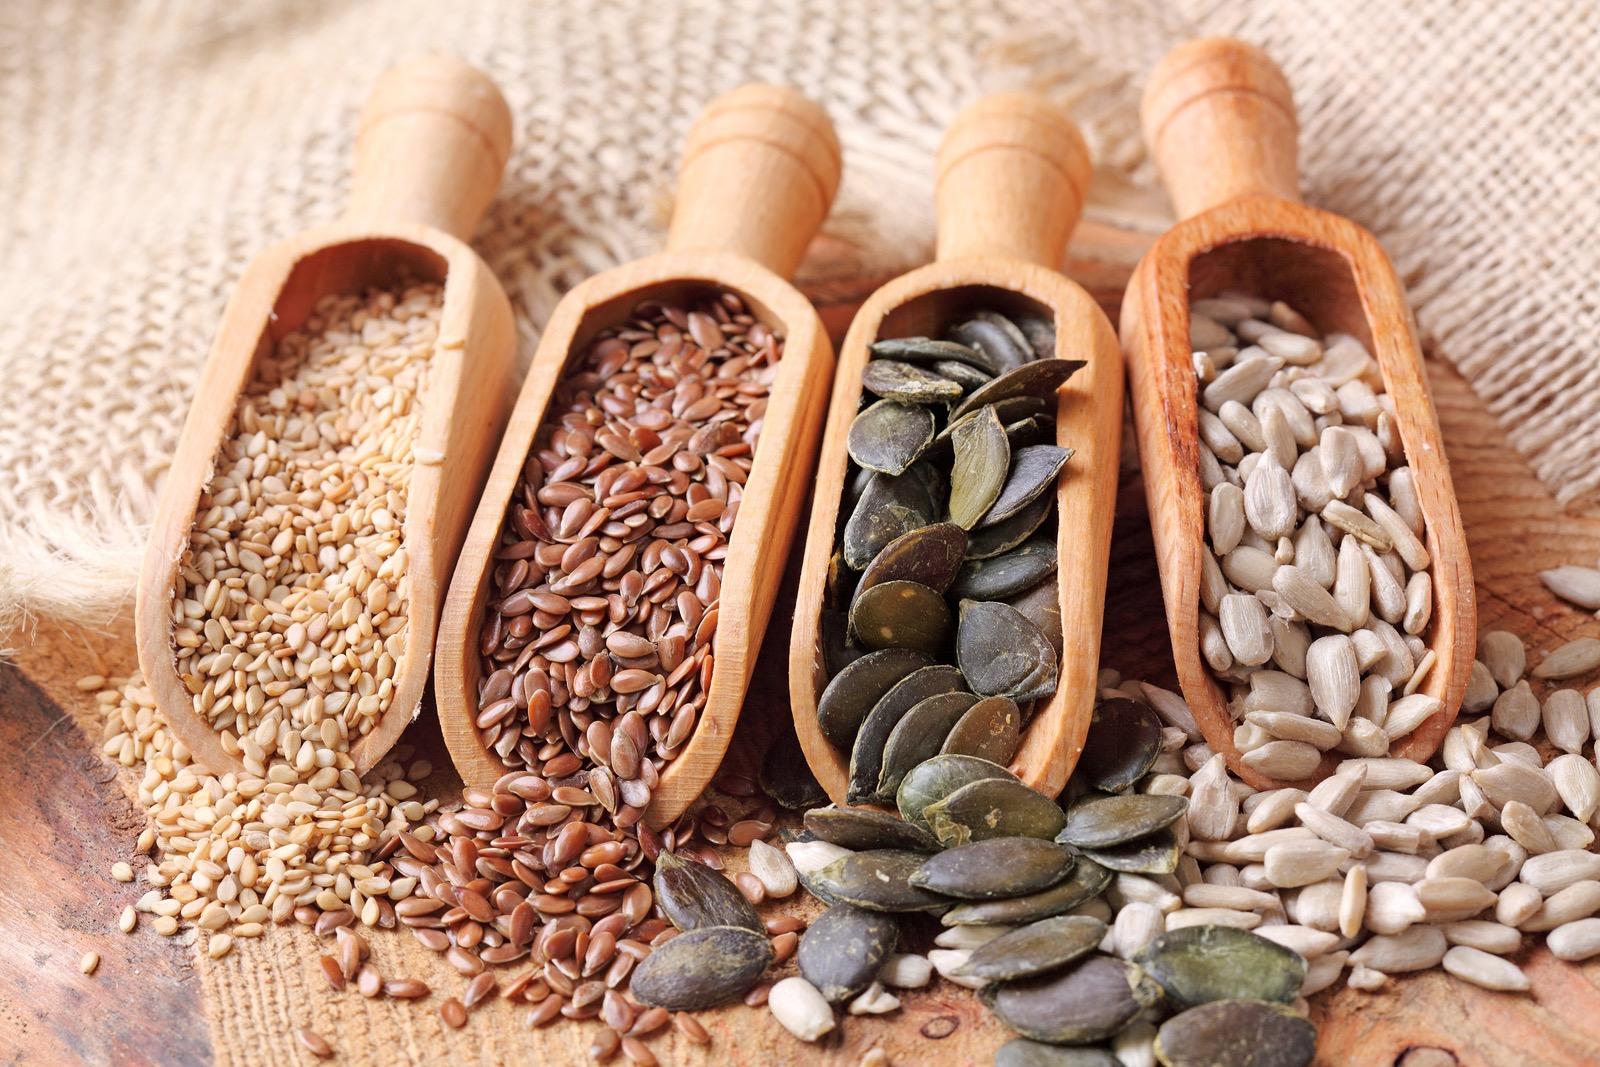 Tények és tévhitek a táplálkozásról IV. – Olajos magvak